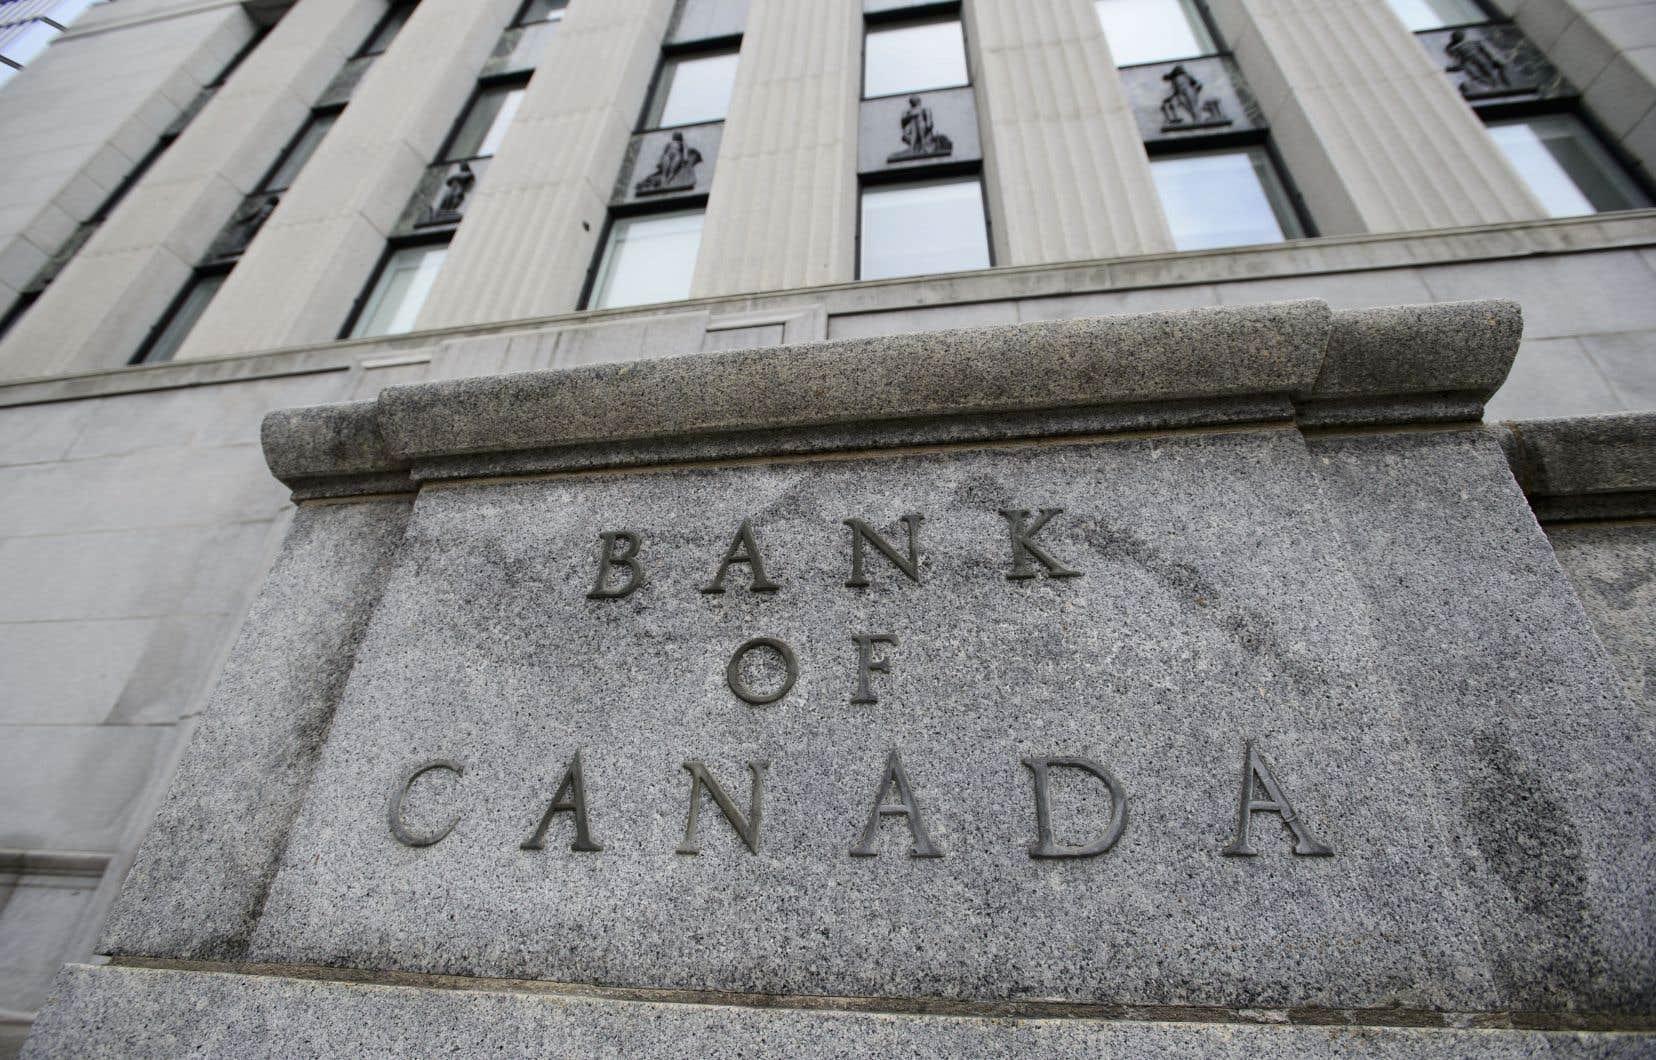 <p>Le taux directeur de la banque centrale se situe à 1,75% depuis octobre 2018.</p>